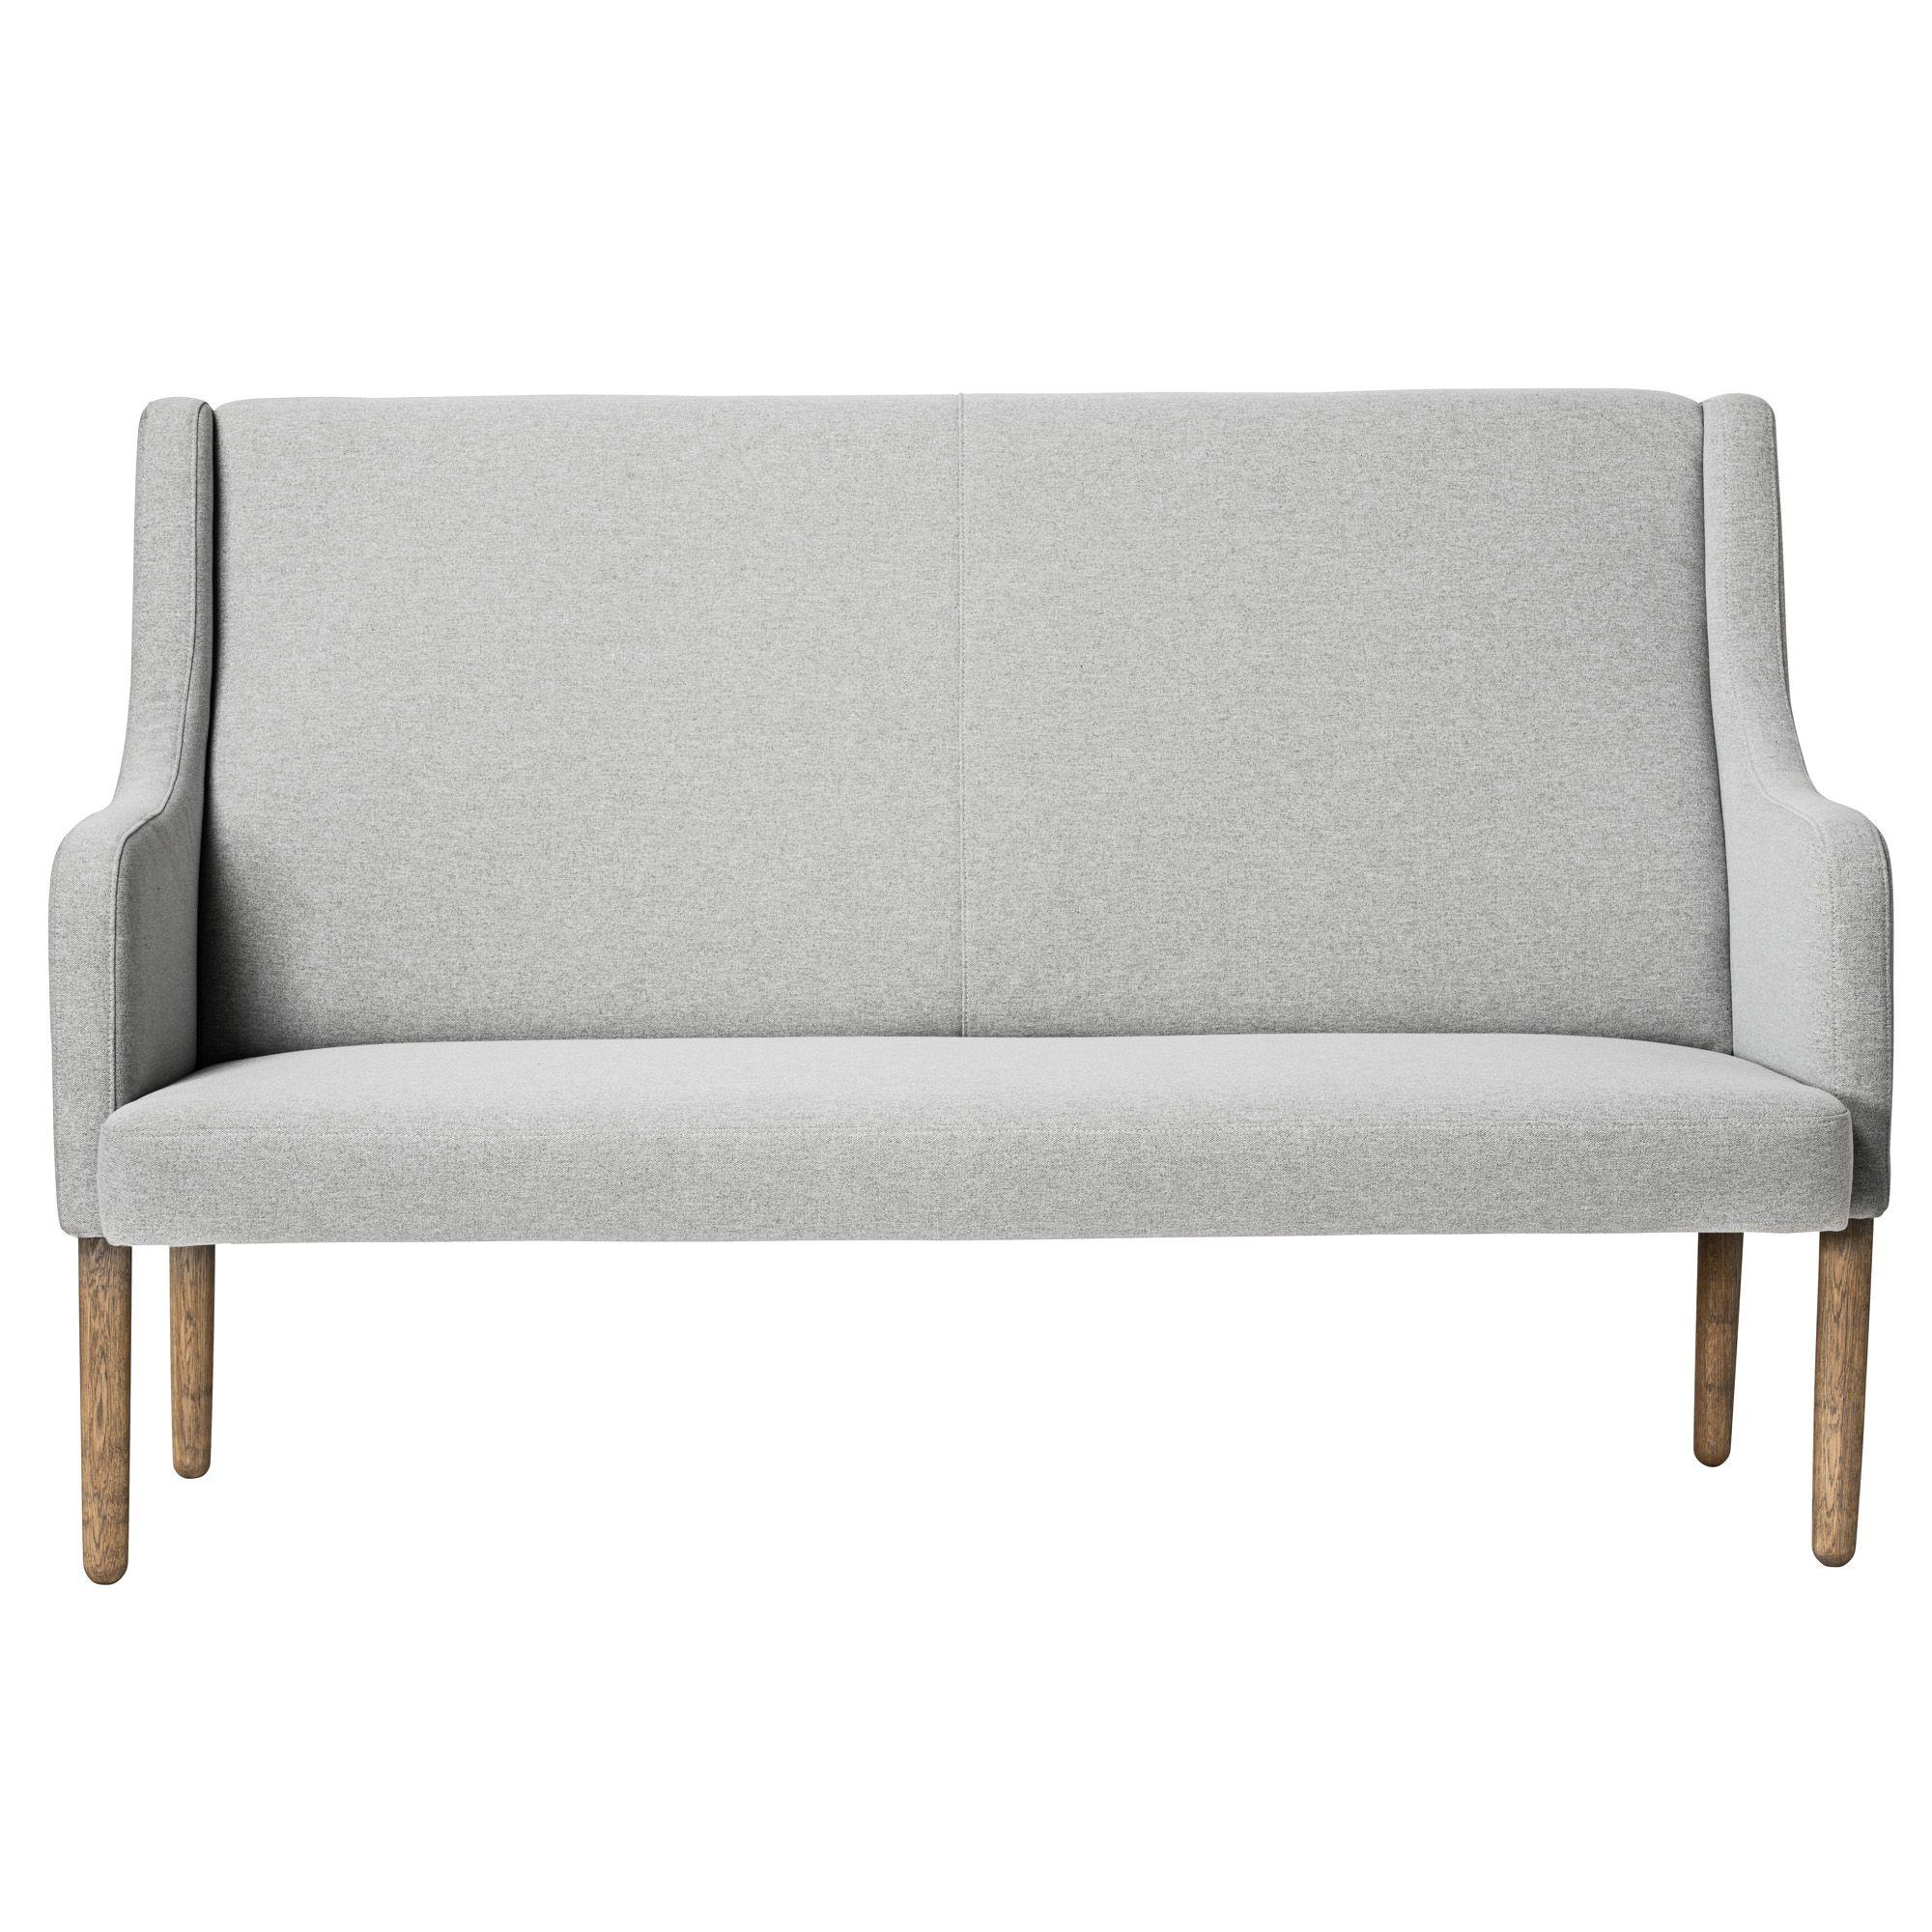 Bloomingville rest soffa från Bloomingville hos ConfidentLiving.se ... febe57de91811